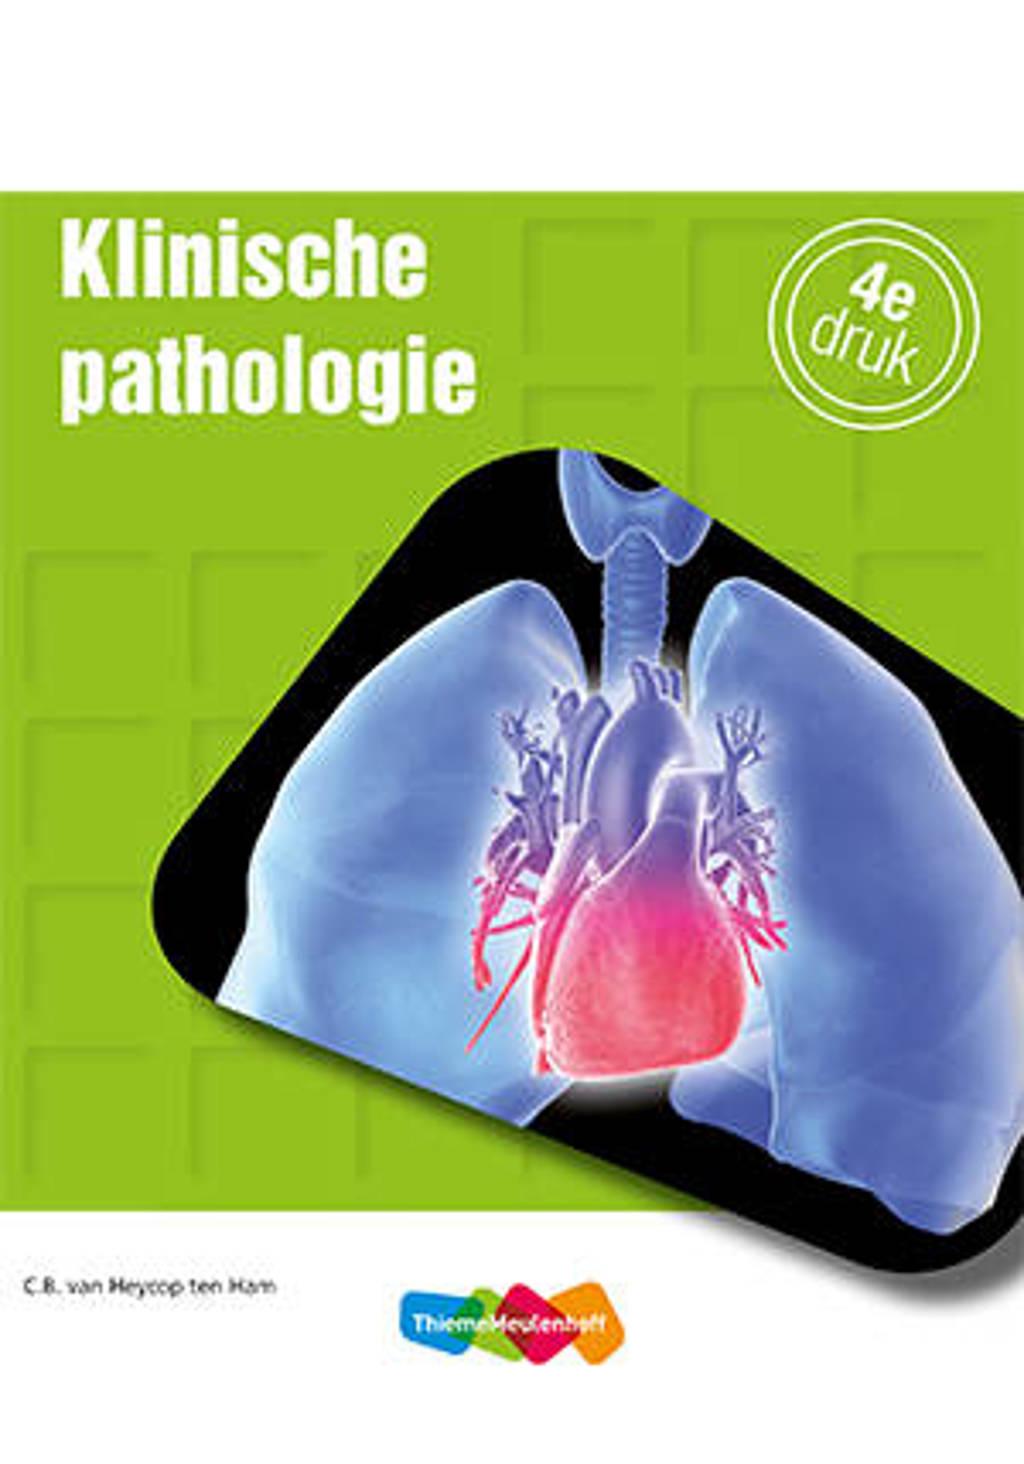 Klinische pathologie - C.B. van Heycop ten Ham